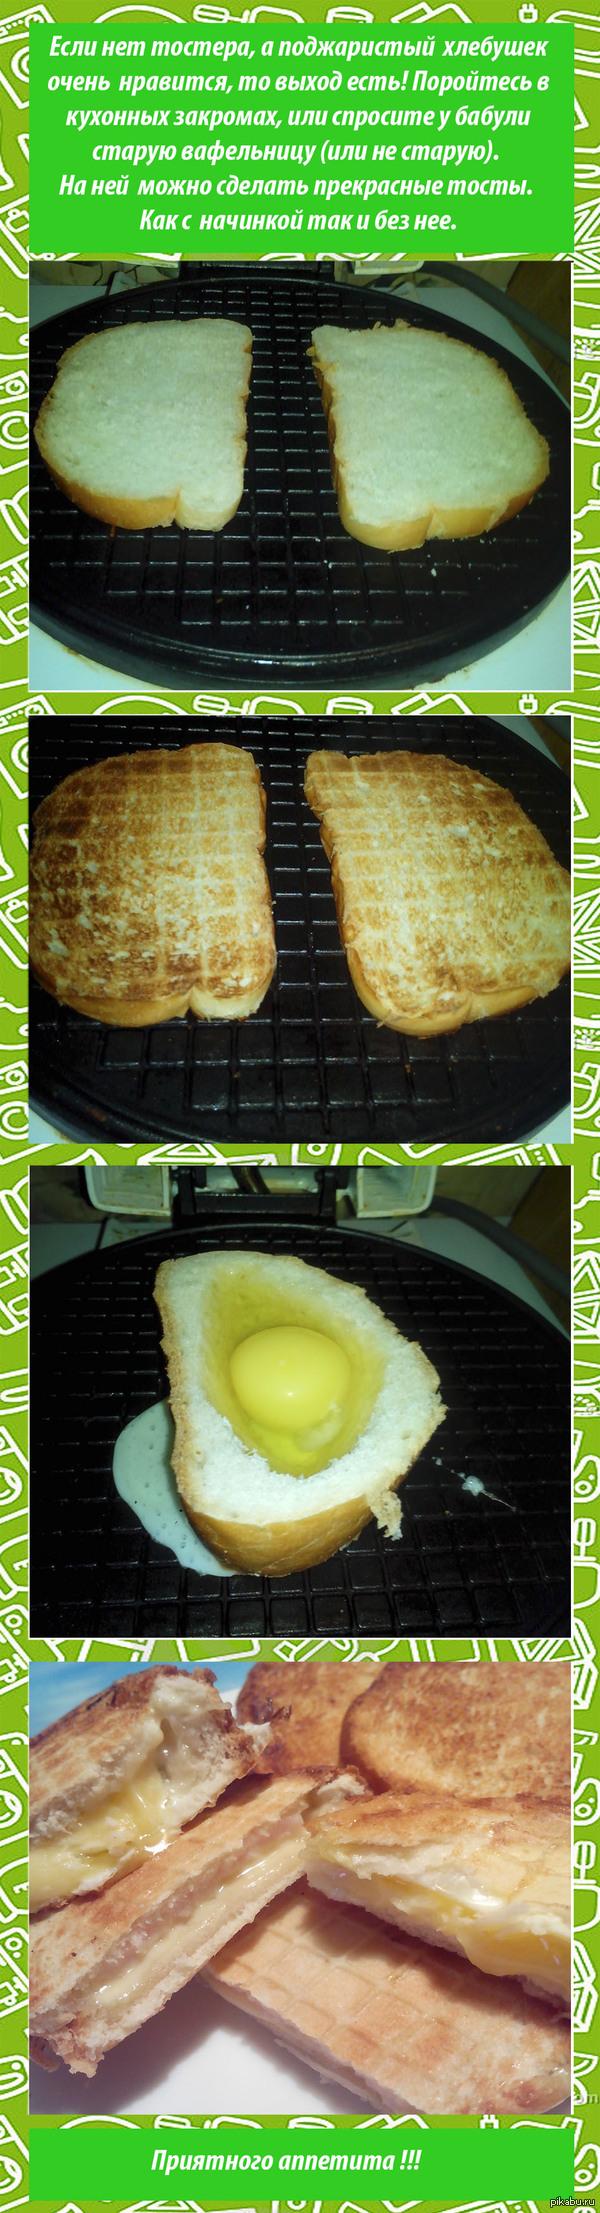 Небольшой лайфхак Или же если у вас нету тостера